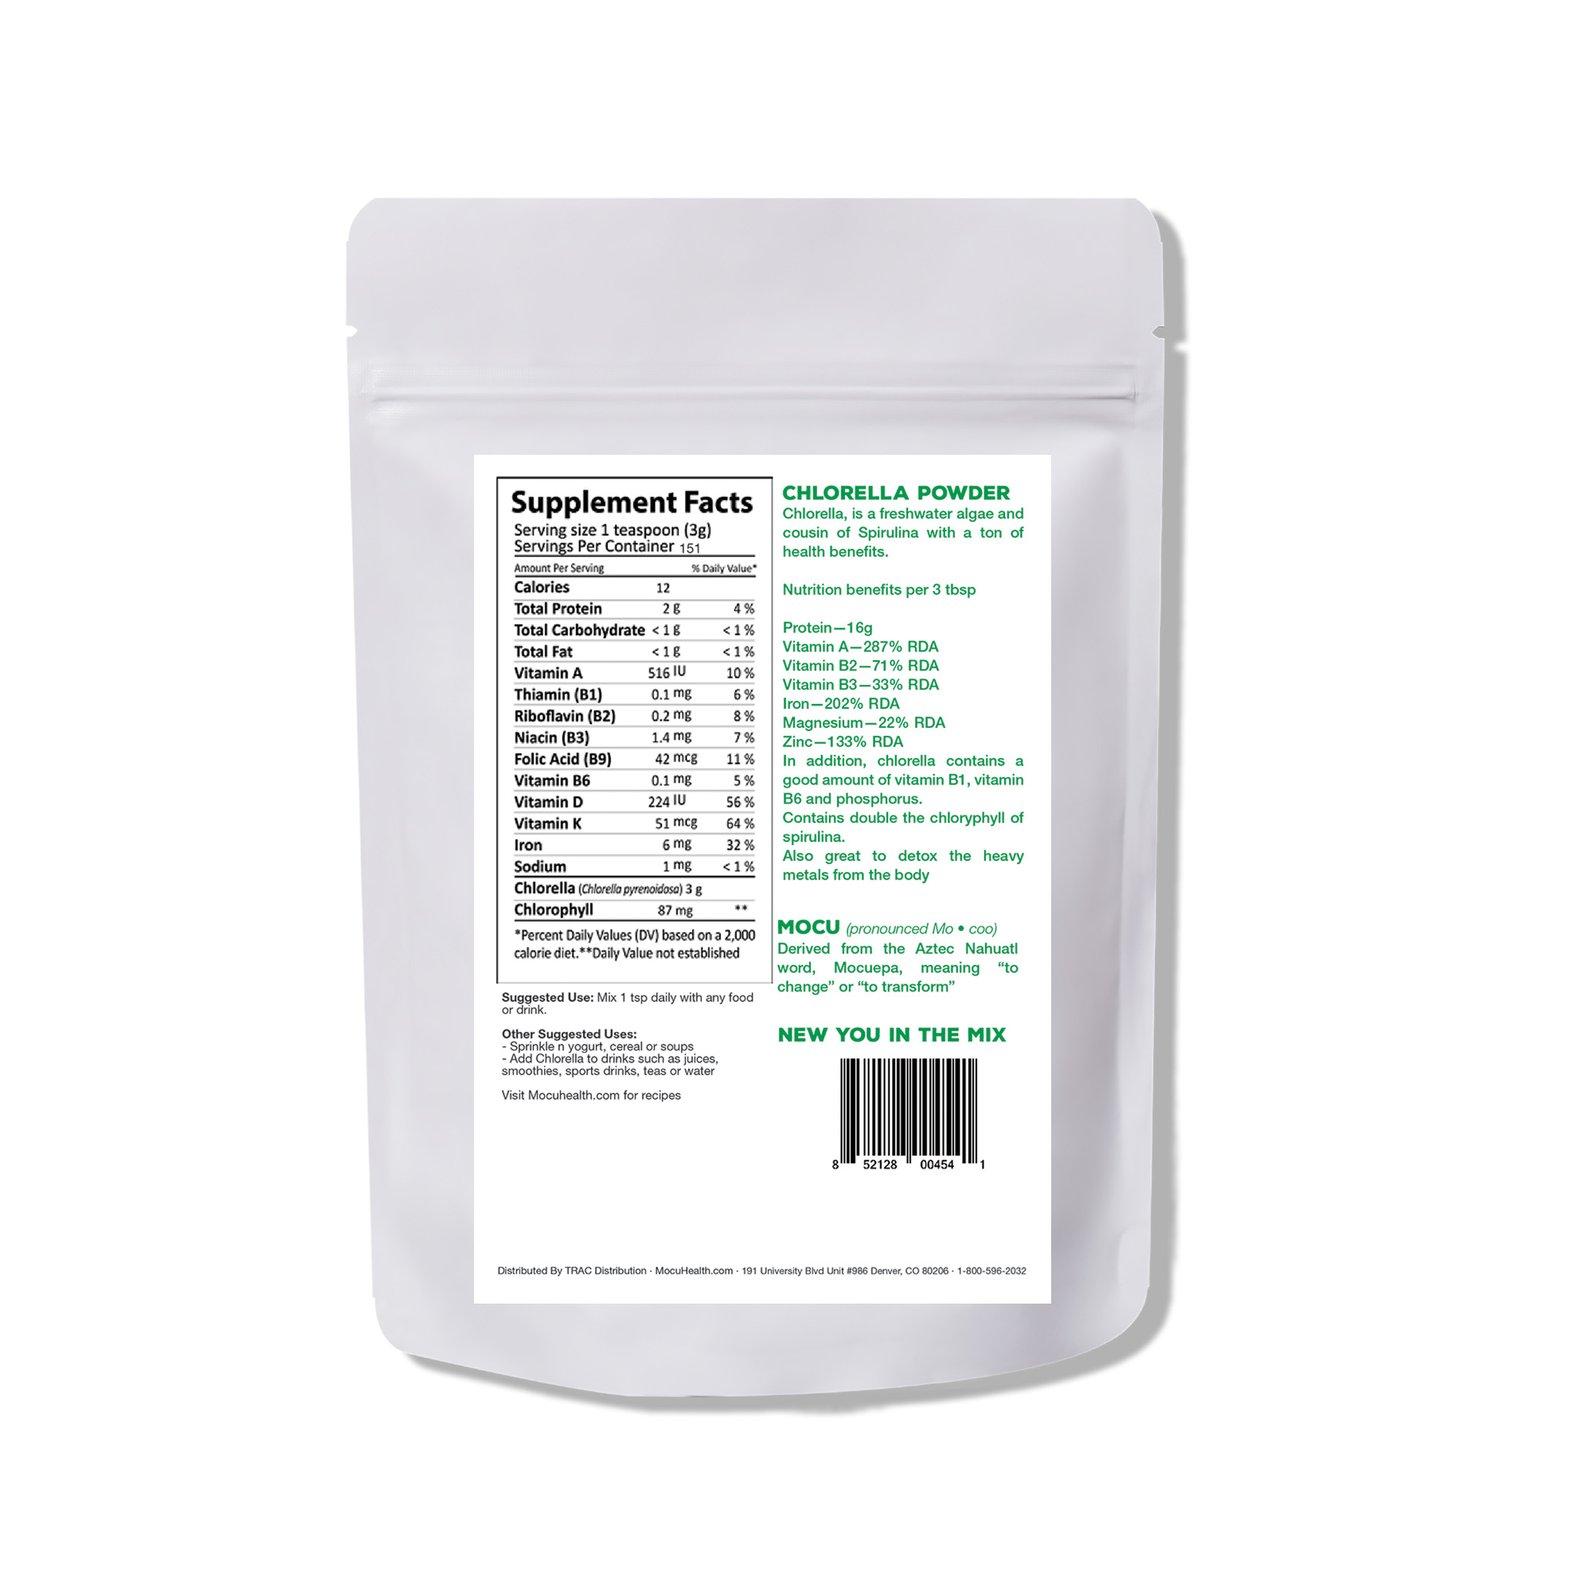 mocu-organic-cracked-cell-chlorella-powder-back.jpg